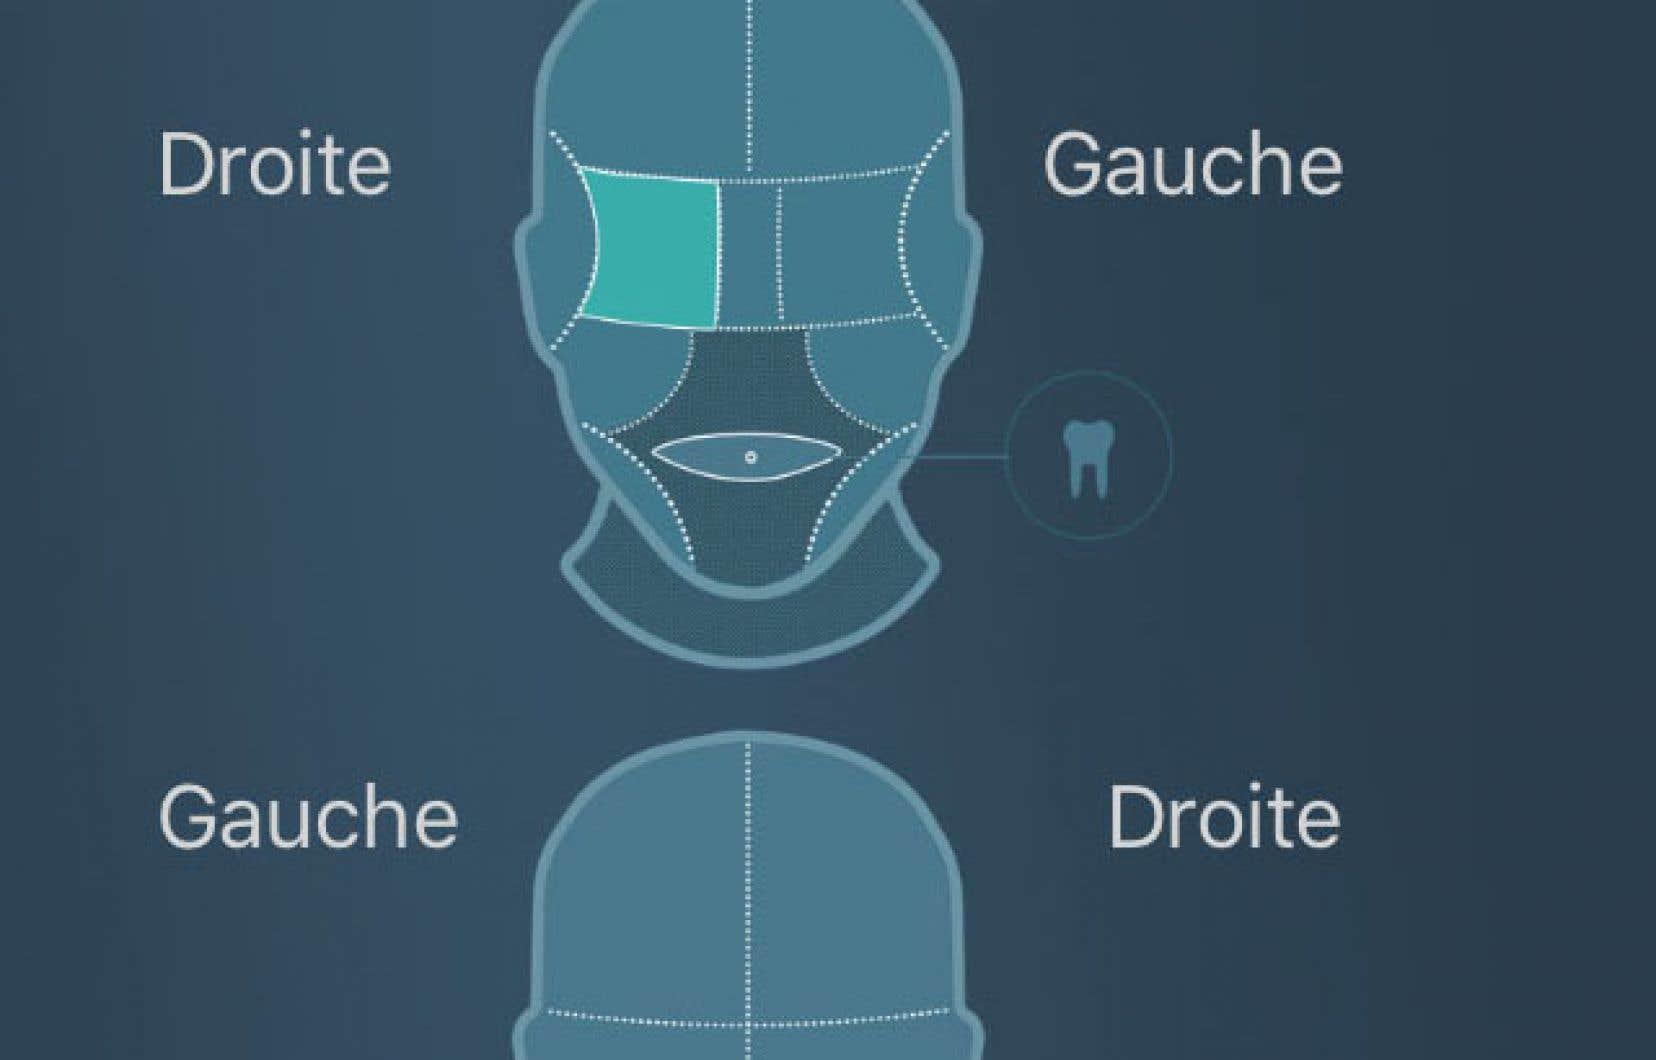 L'application gratuite Migraine Buddy permet de répertorier toutes les «attaques» de maux de tête ressenties et leurs déclencheurs probables.